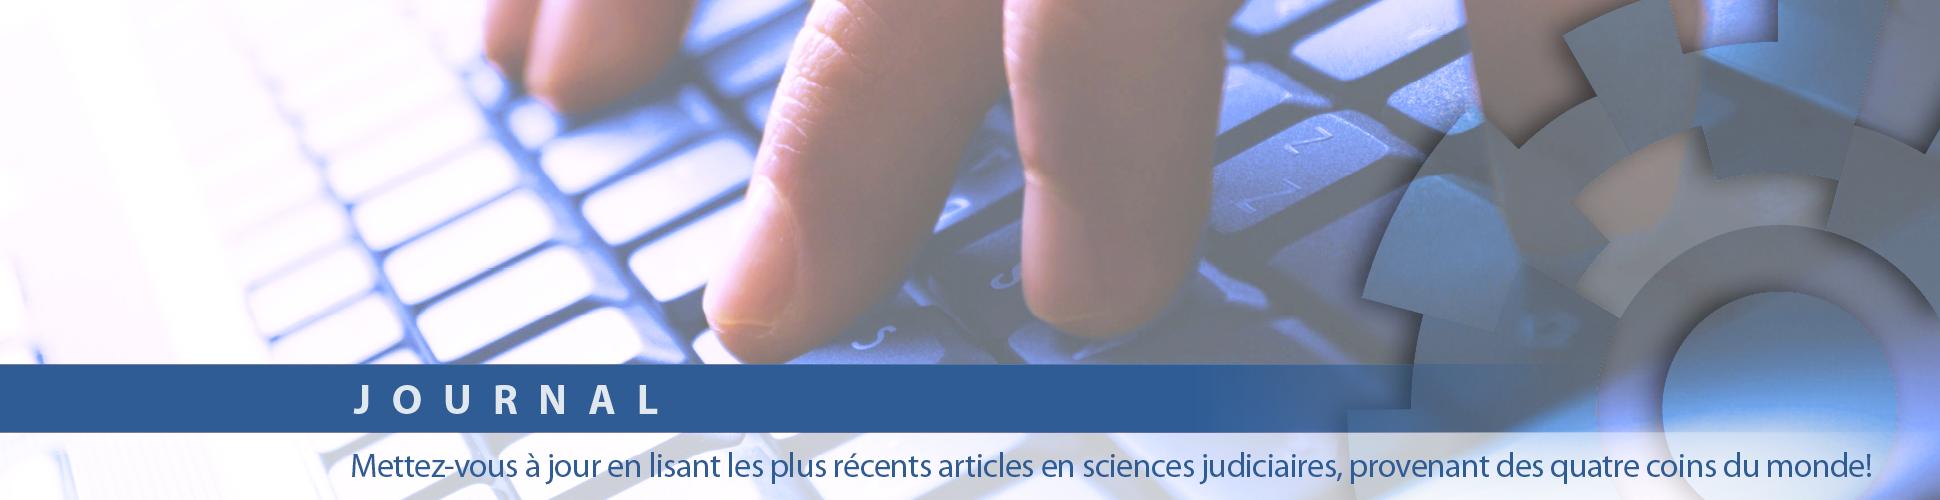 csfs-journal-banner-fr